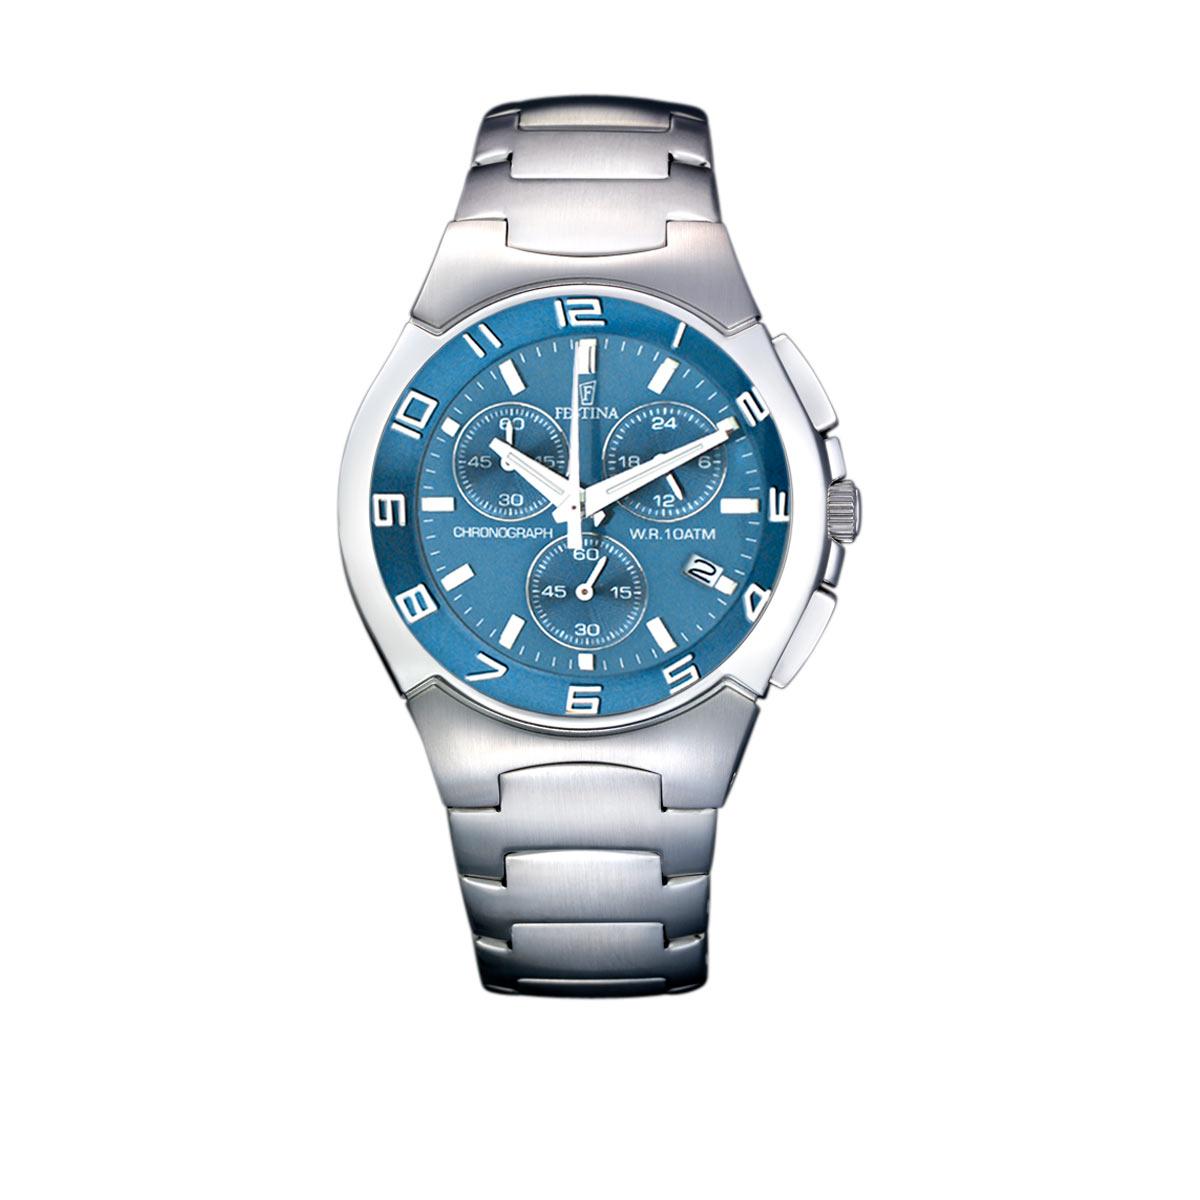 Montre Festina homme chrono acier bracelet acier - Homme - modèle ... e4791a296496